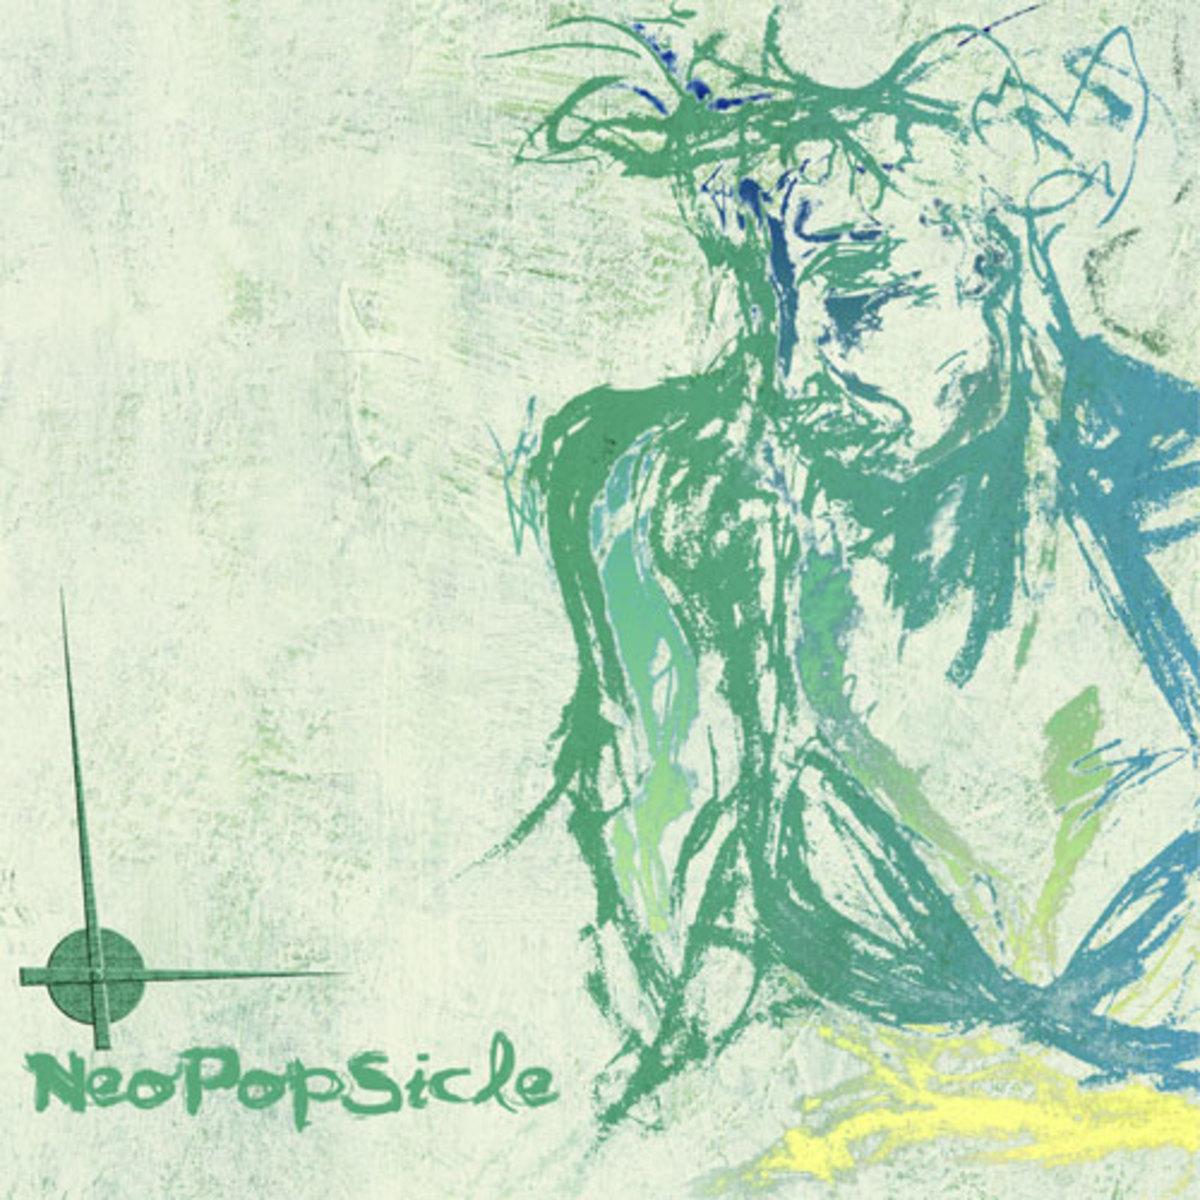 neopopsicle-259.jpg